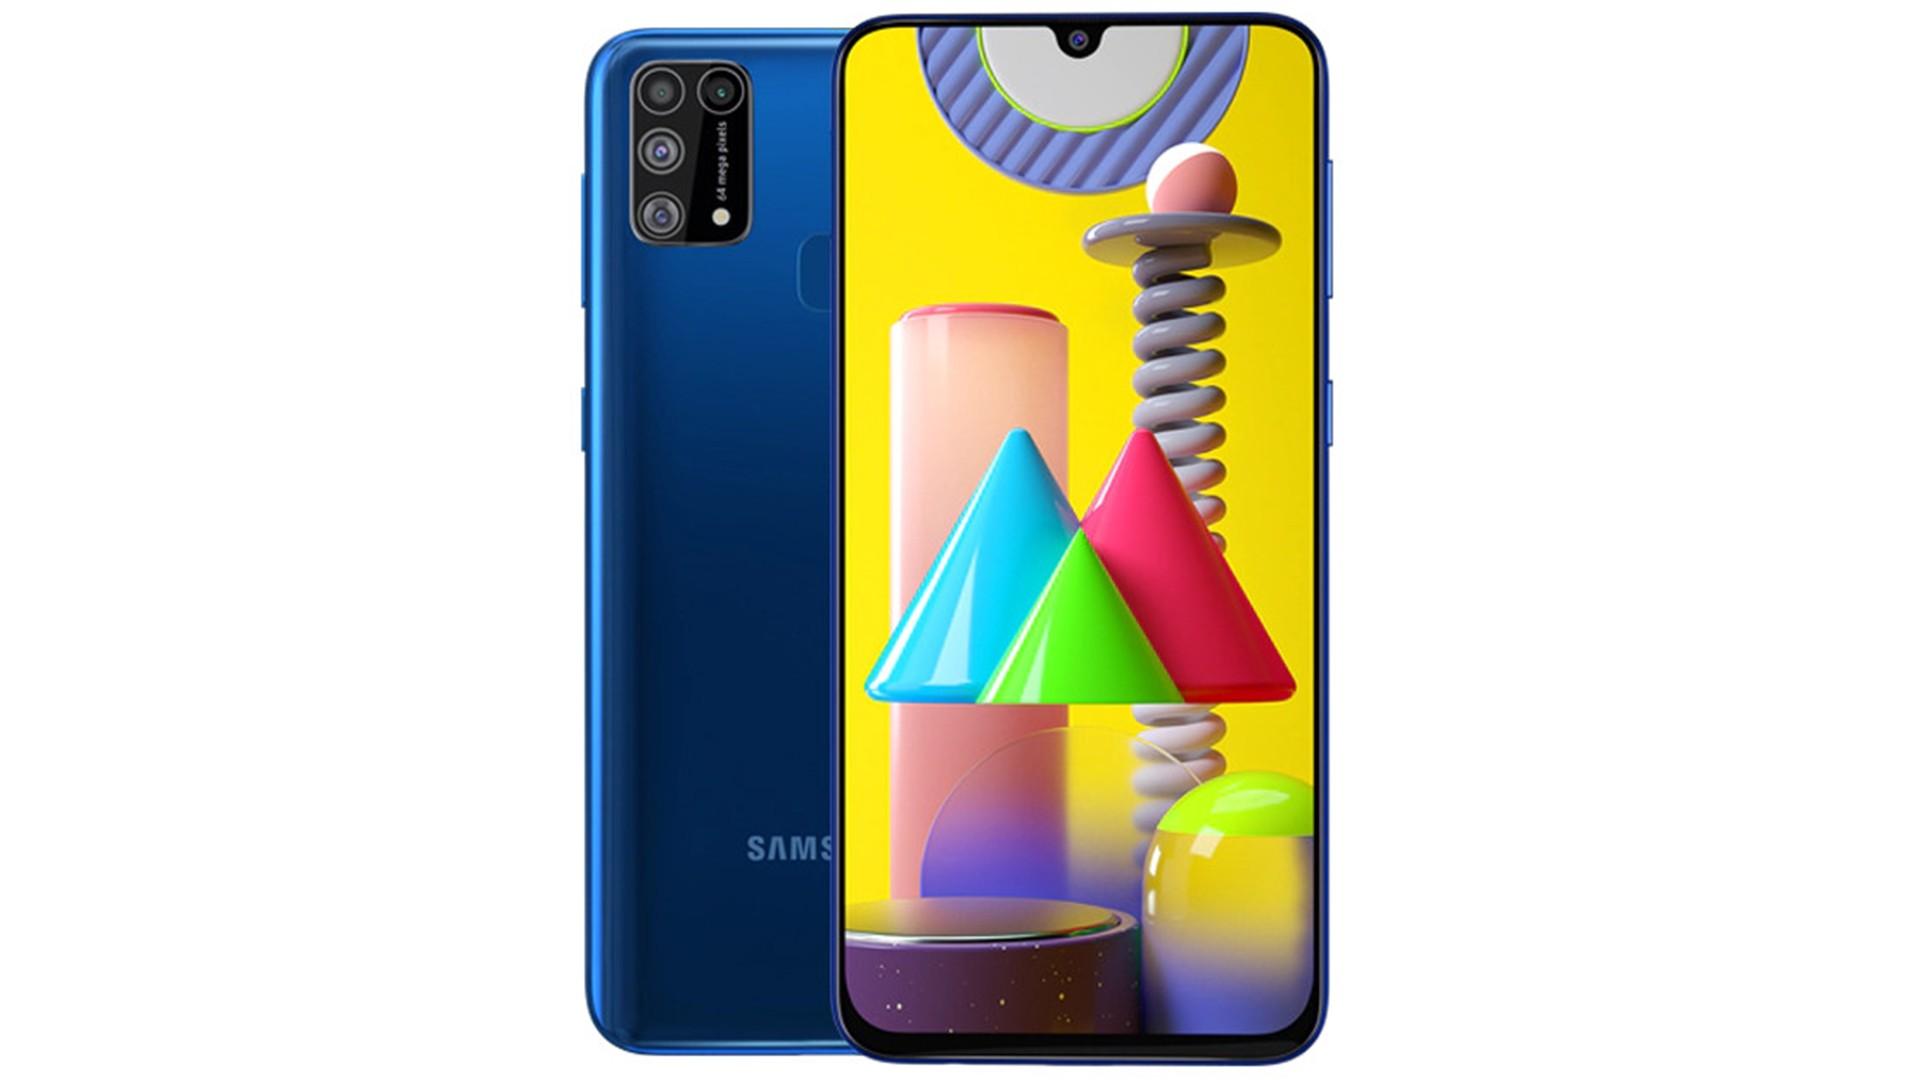 Un leak svela prezzo e batteria dei Samsung Galaxy A31 e Gal